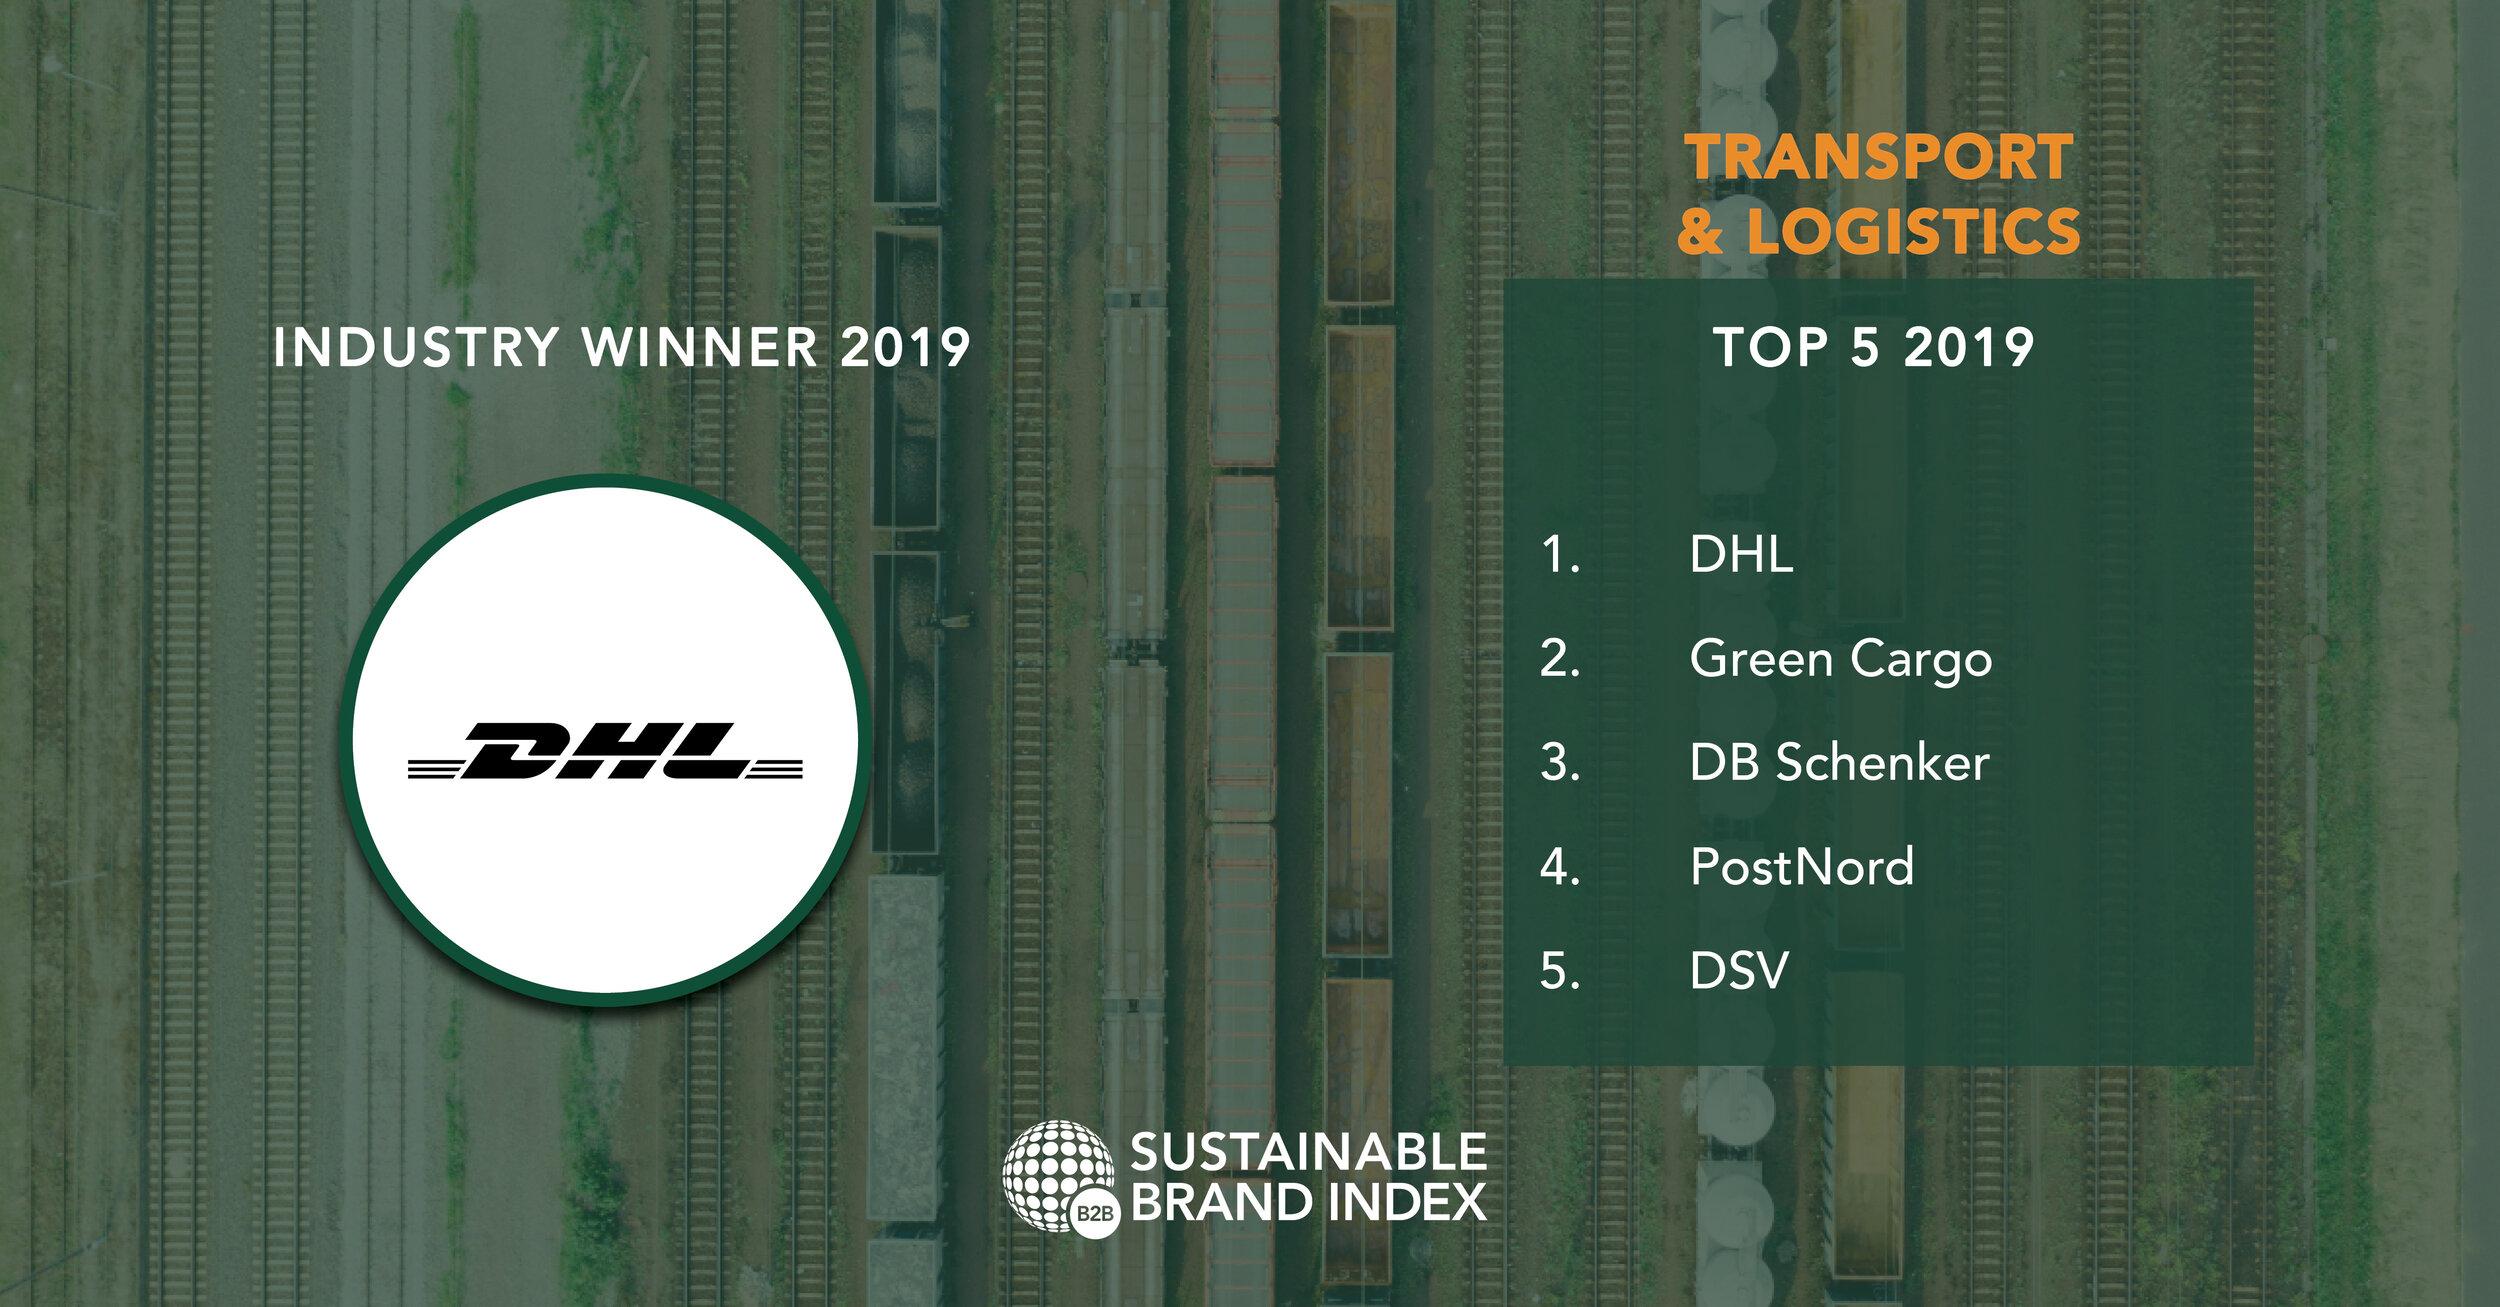 Transport & Logistics - Top_Five_B2B_2019.jpg